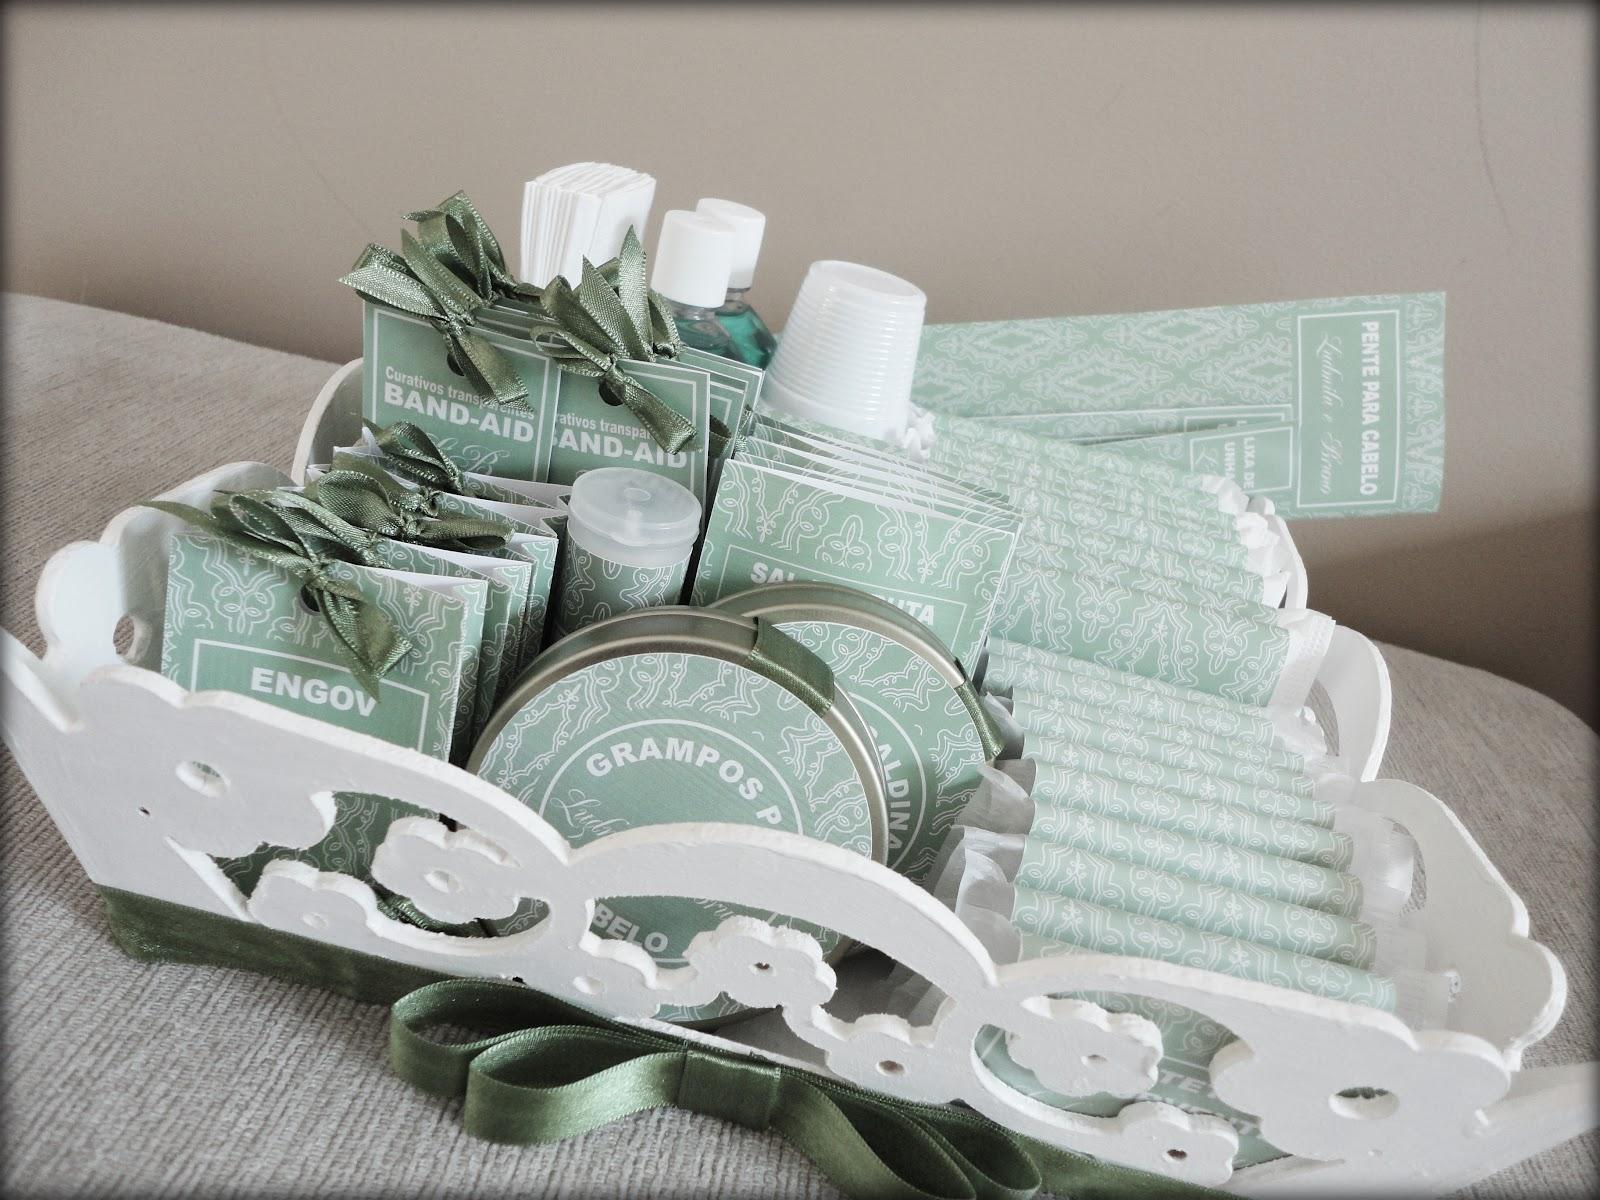 Kit Toalete Casamento Brasilia : Casamento kit toalete ladies